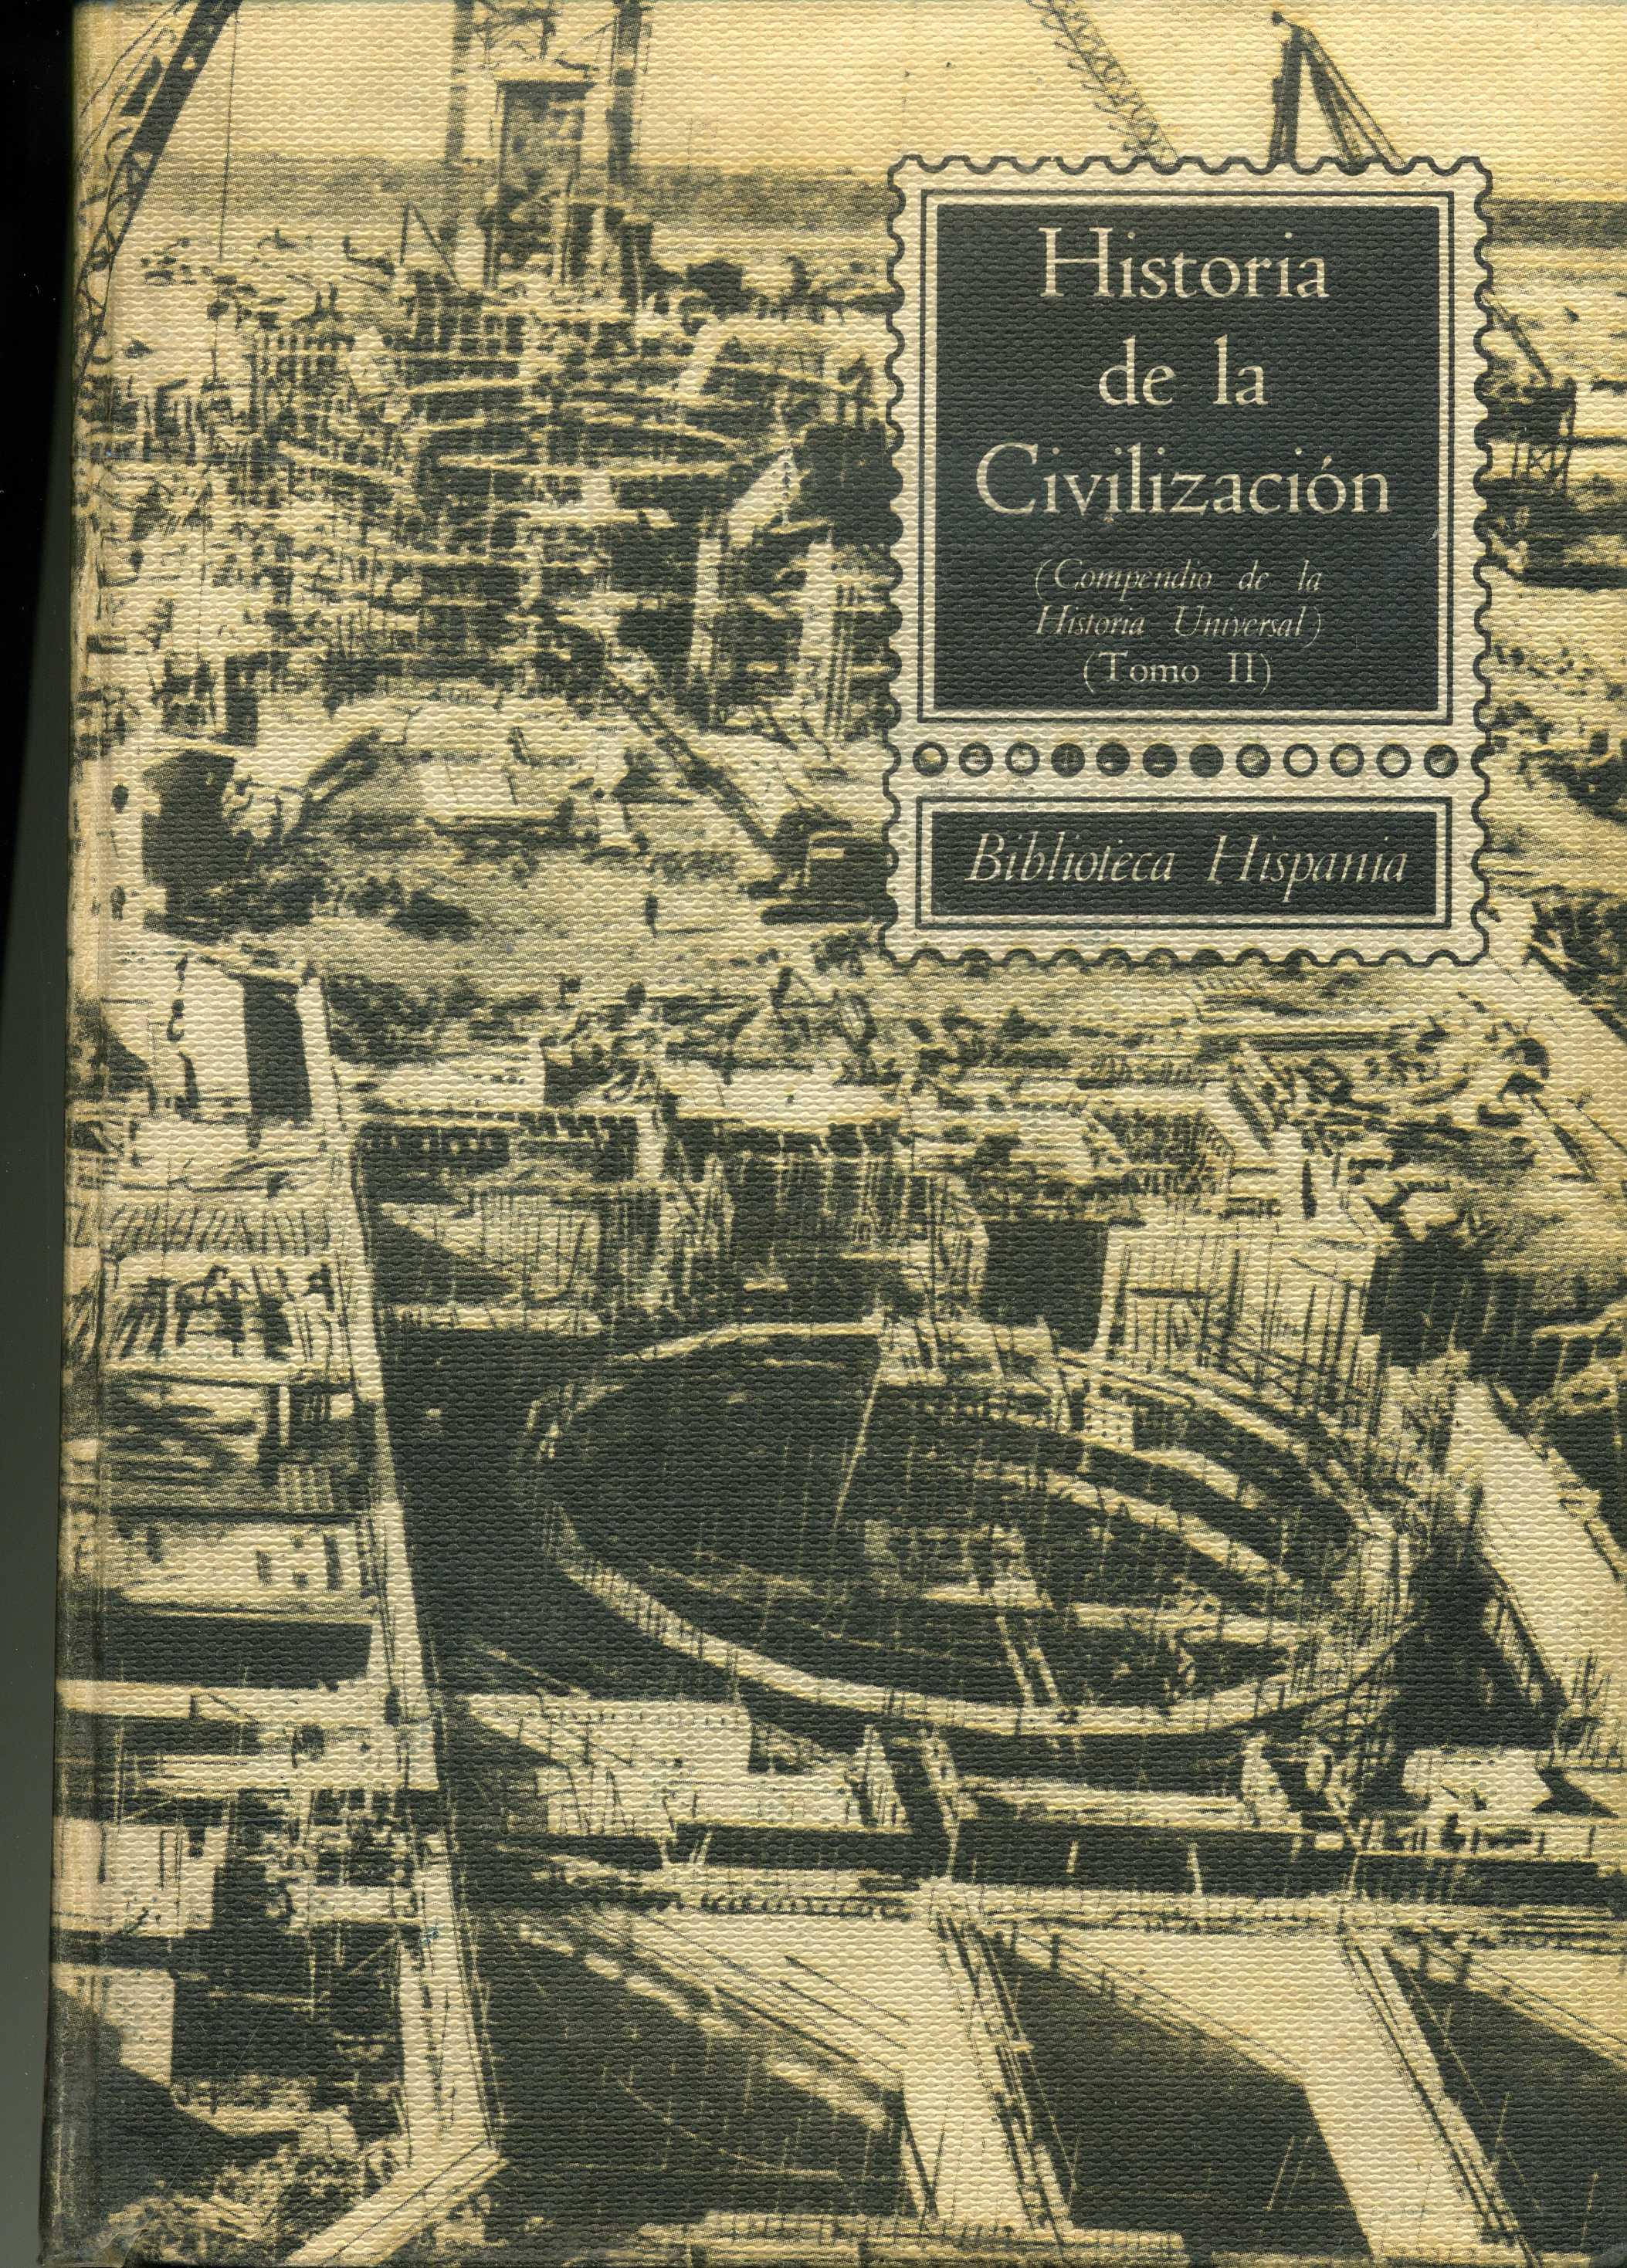 Historia de la Civilización II